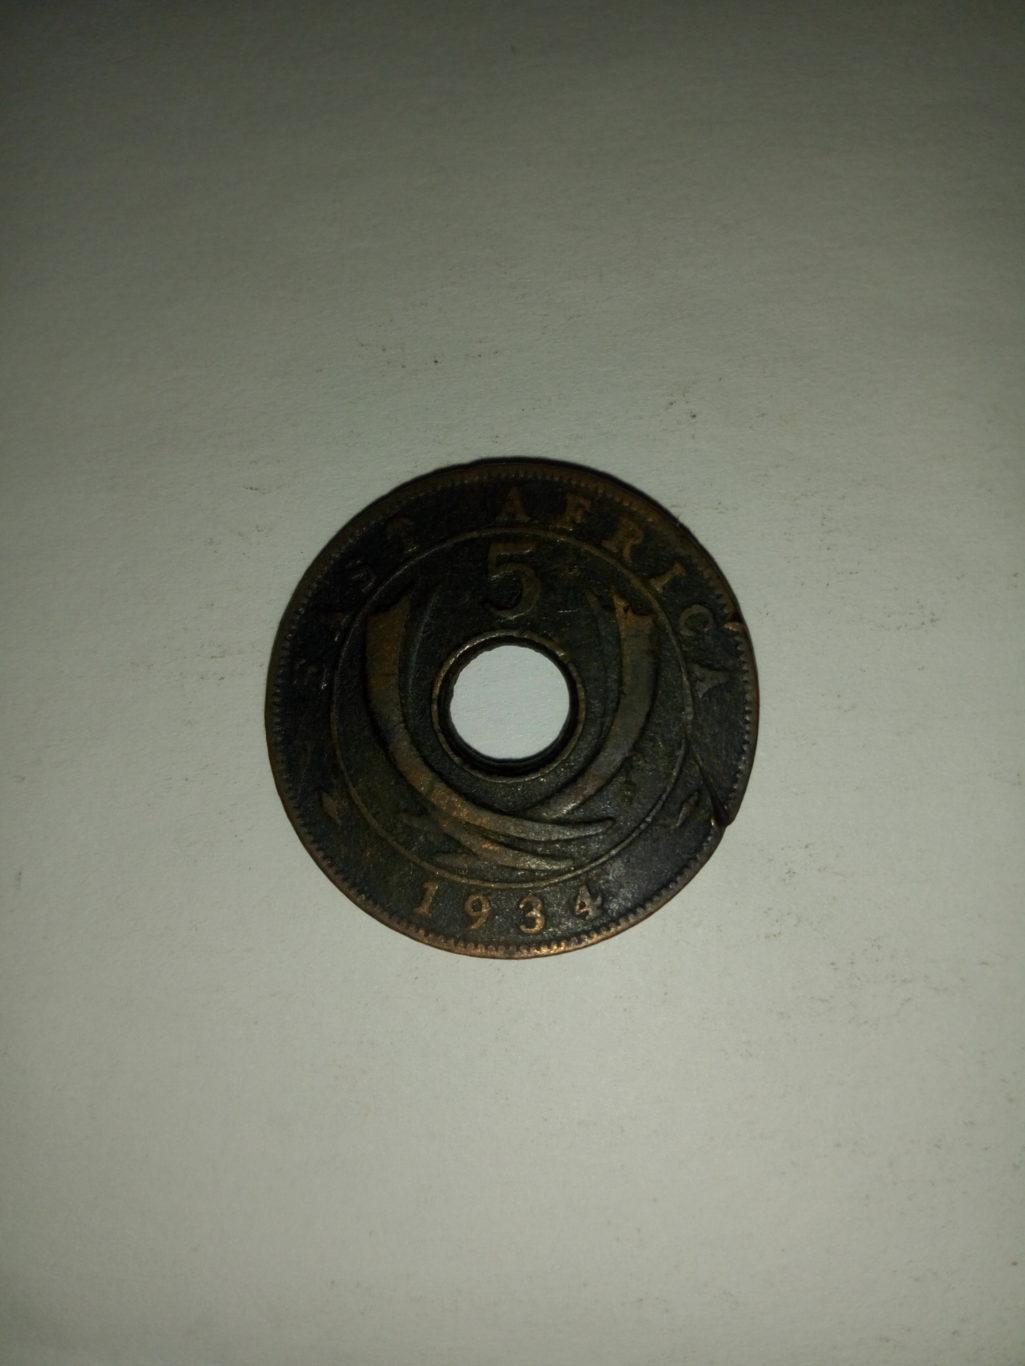 1934_georgivs V 5 cents